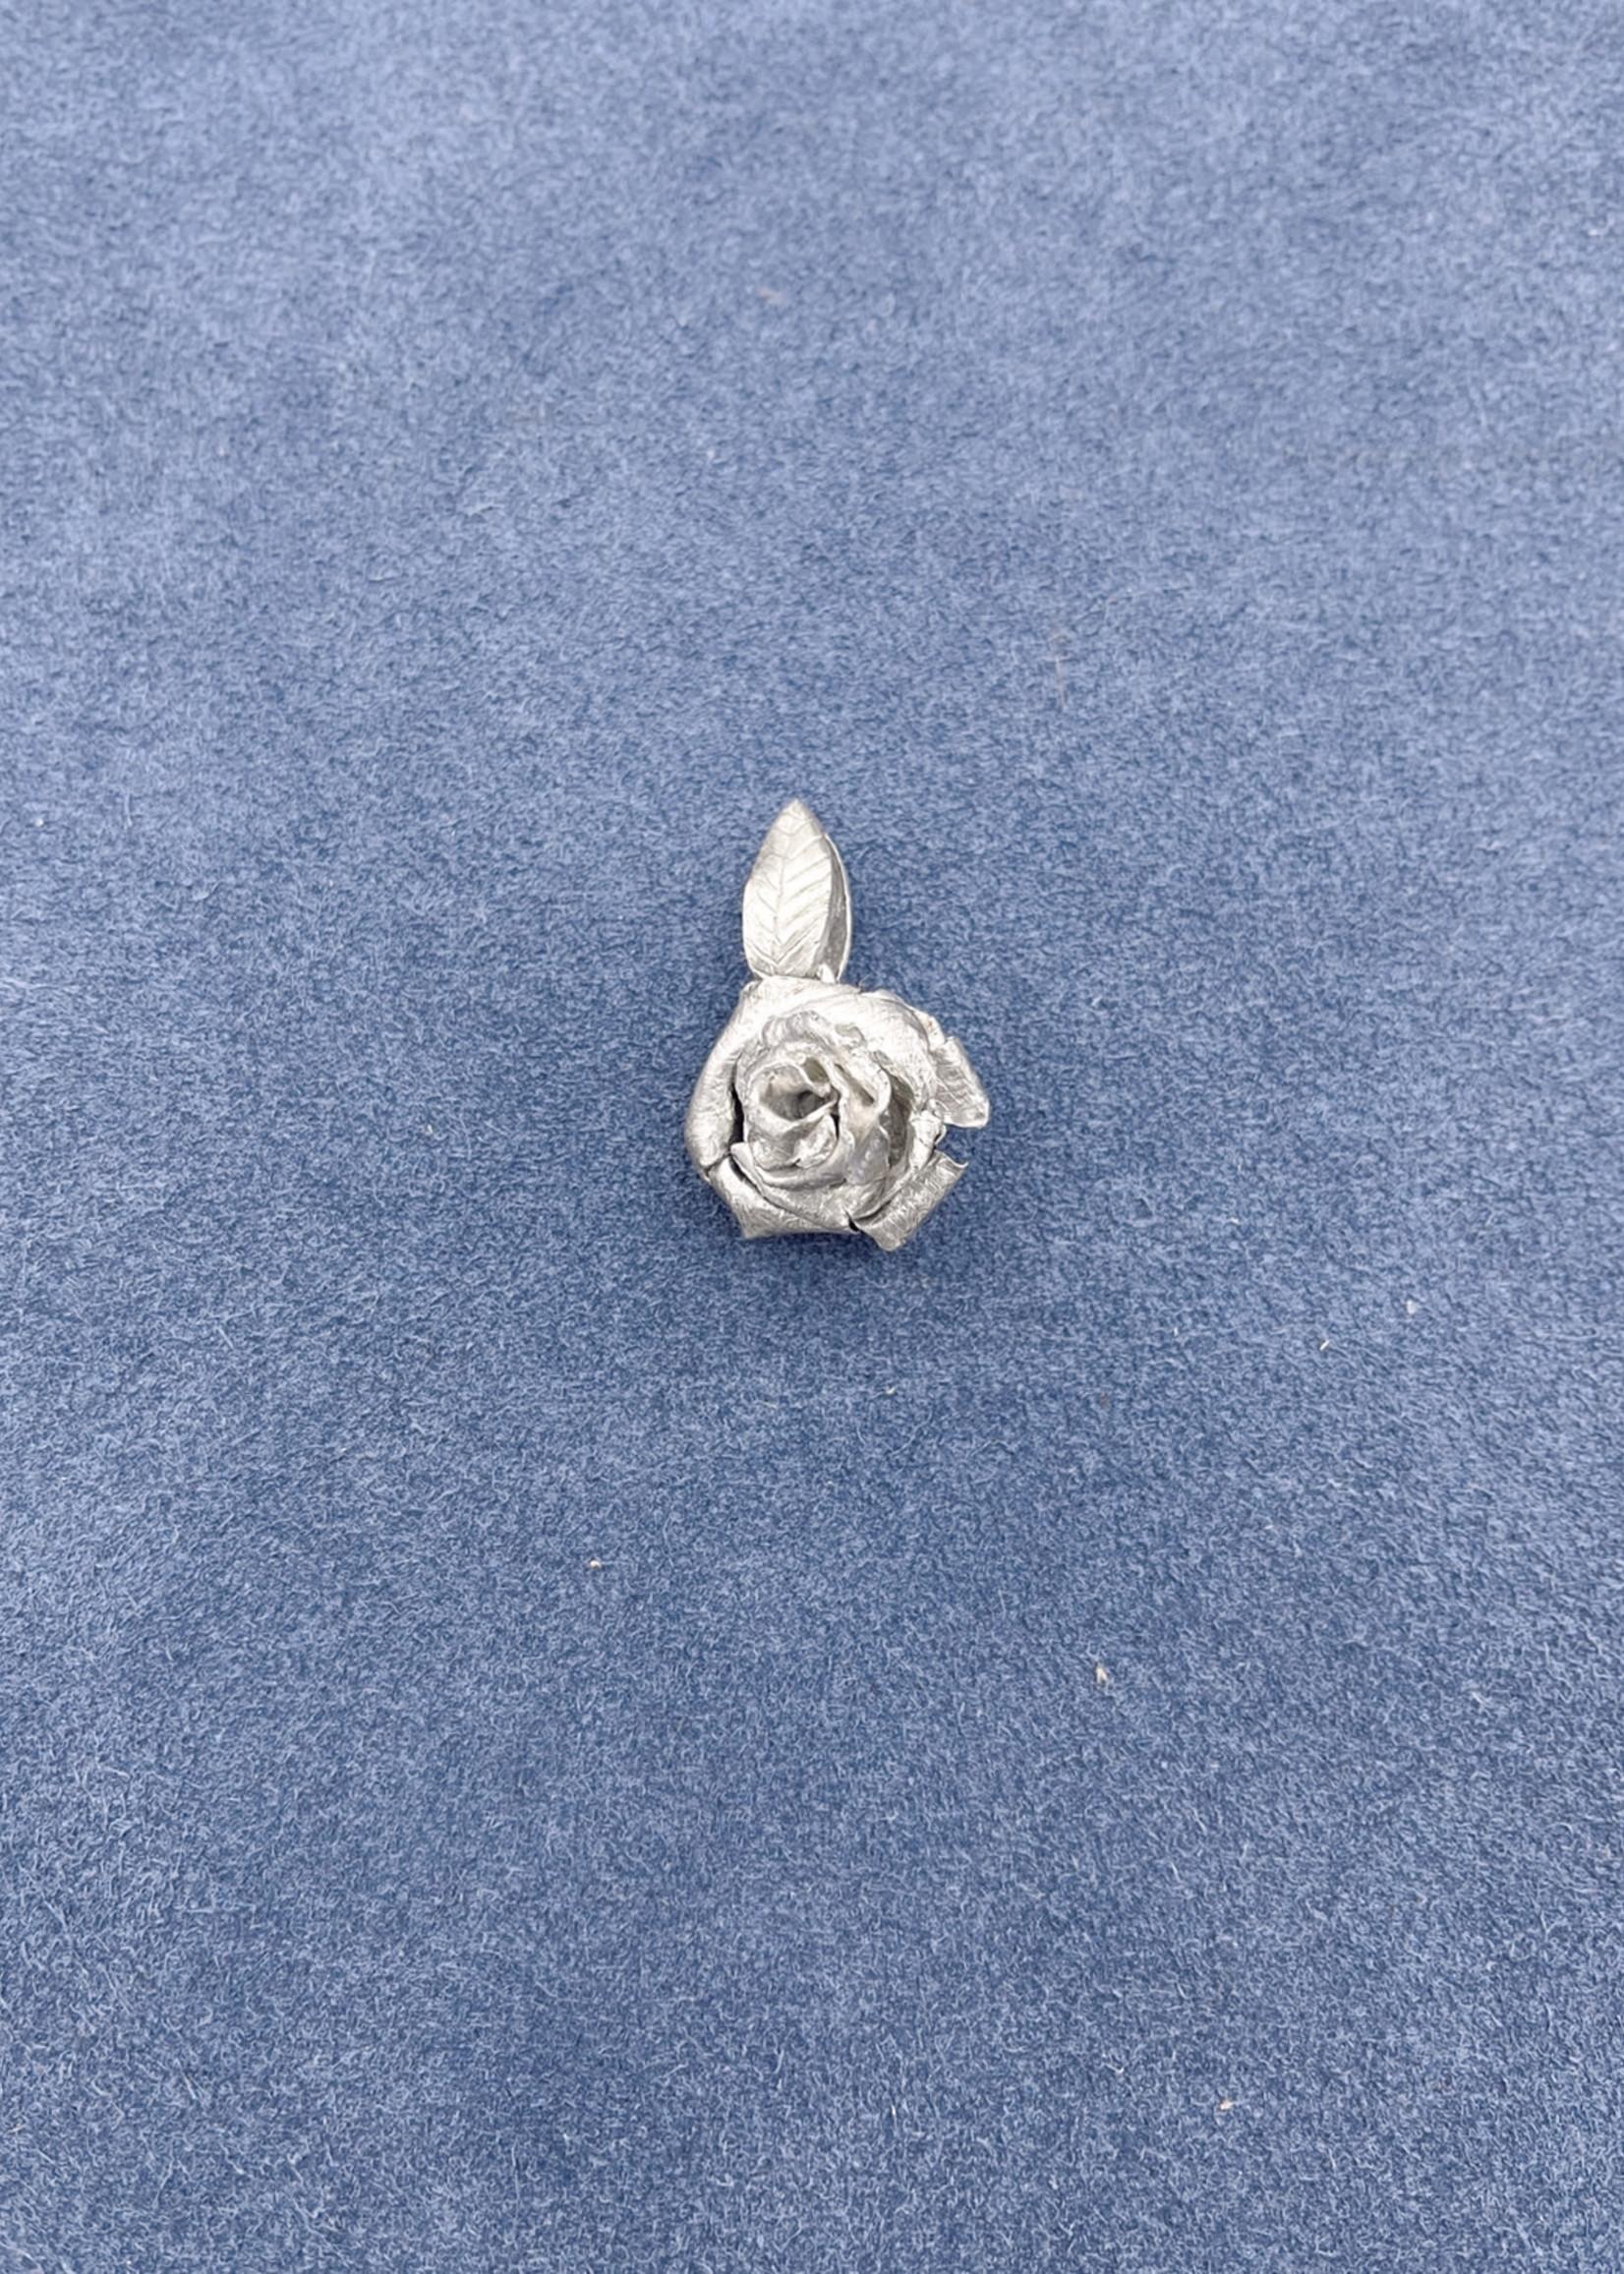 CJ Designs Rose Pendant